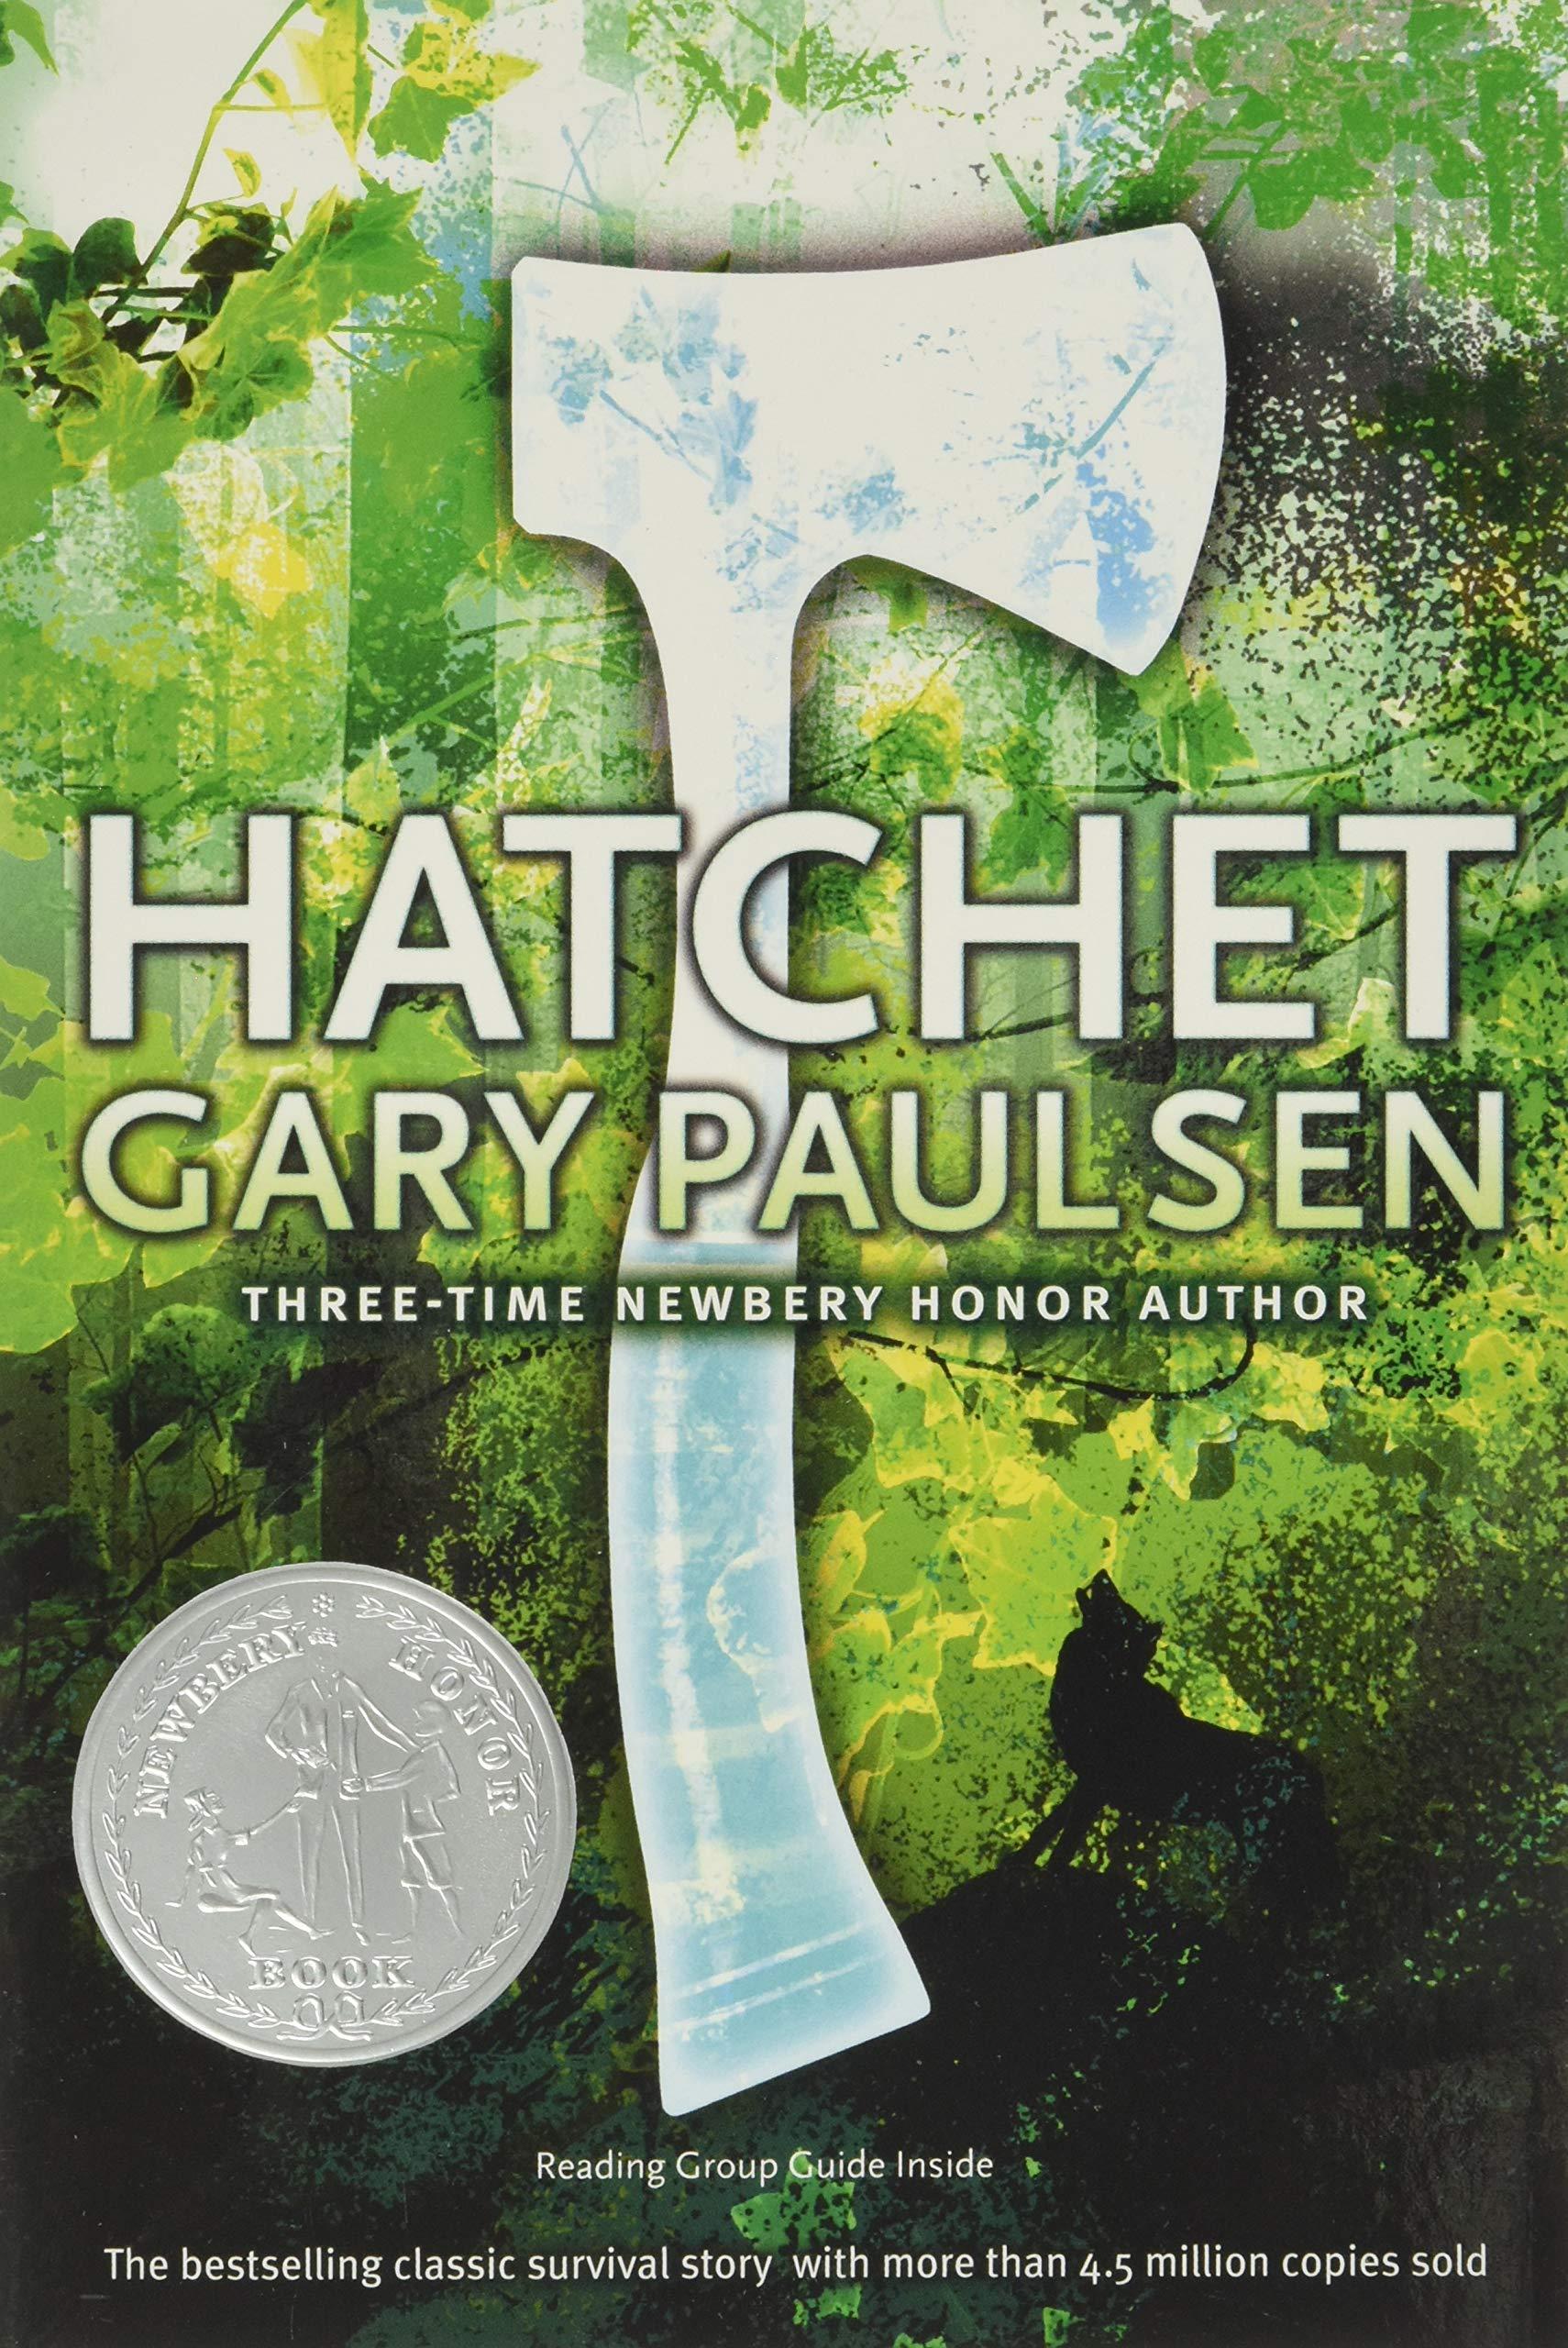 Amazon.com: Hatchet (9781416936473): Paulsen, Gary: Books